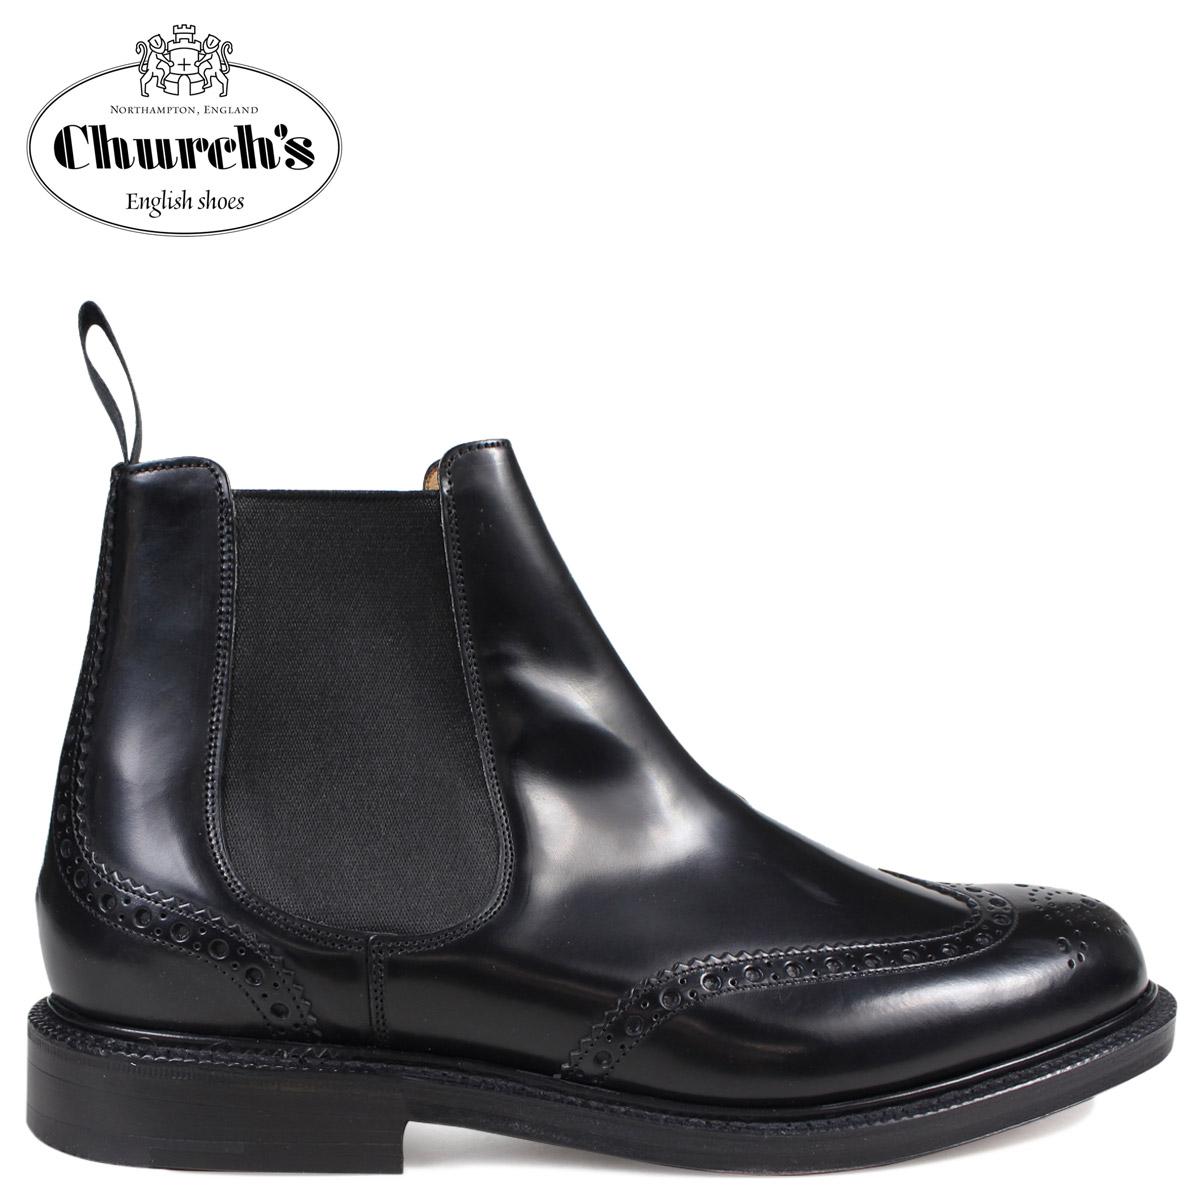 Church's 靴 チャーチ ブーツ サイドゴア ショートブーツ ウイングチップ メンズ KETSBY CHELSEA BOOTS ブラック ETB001